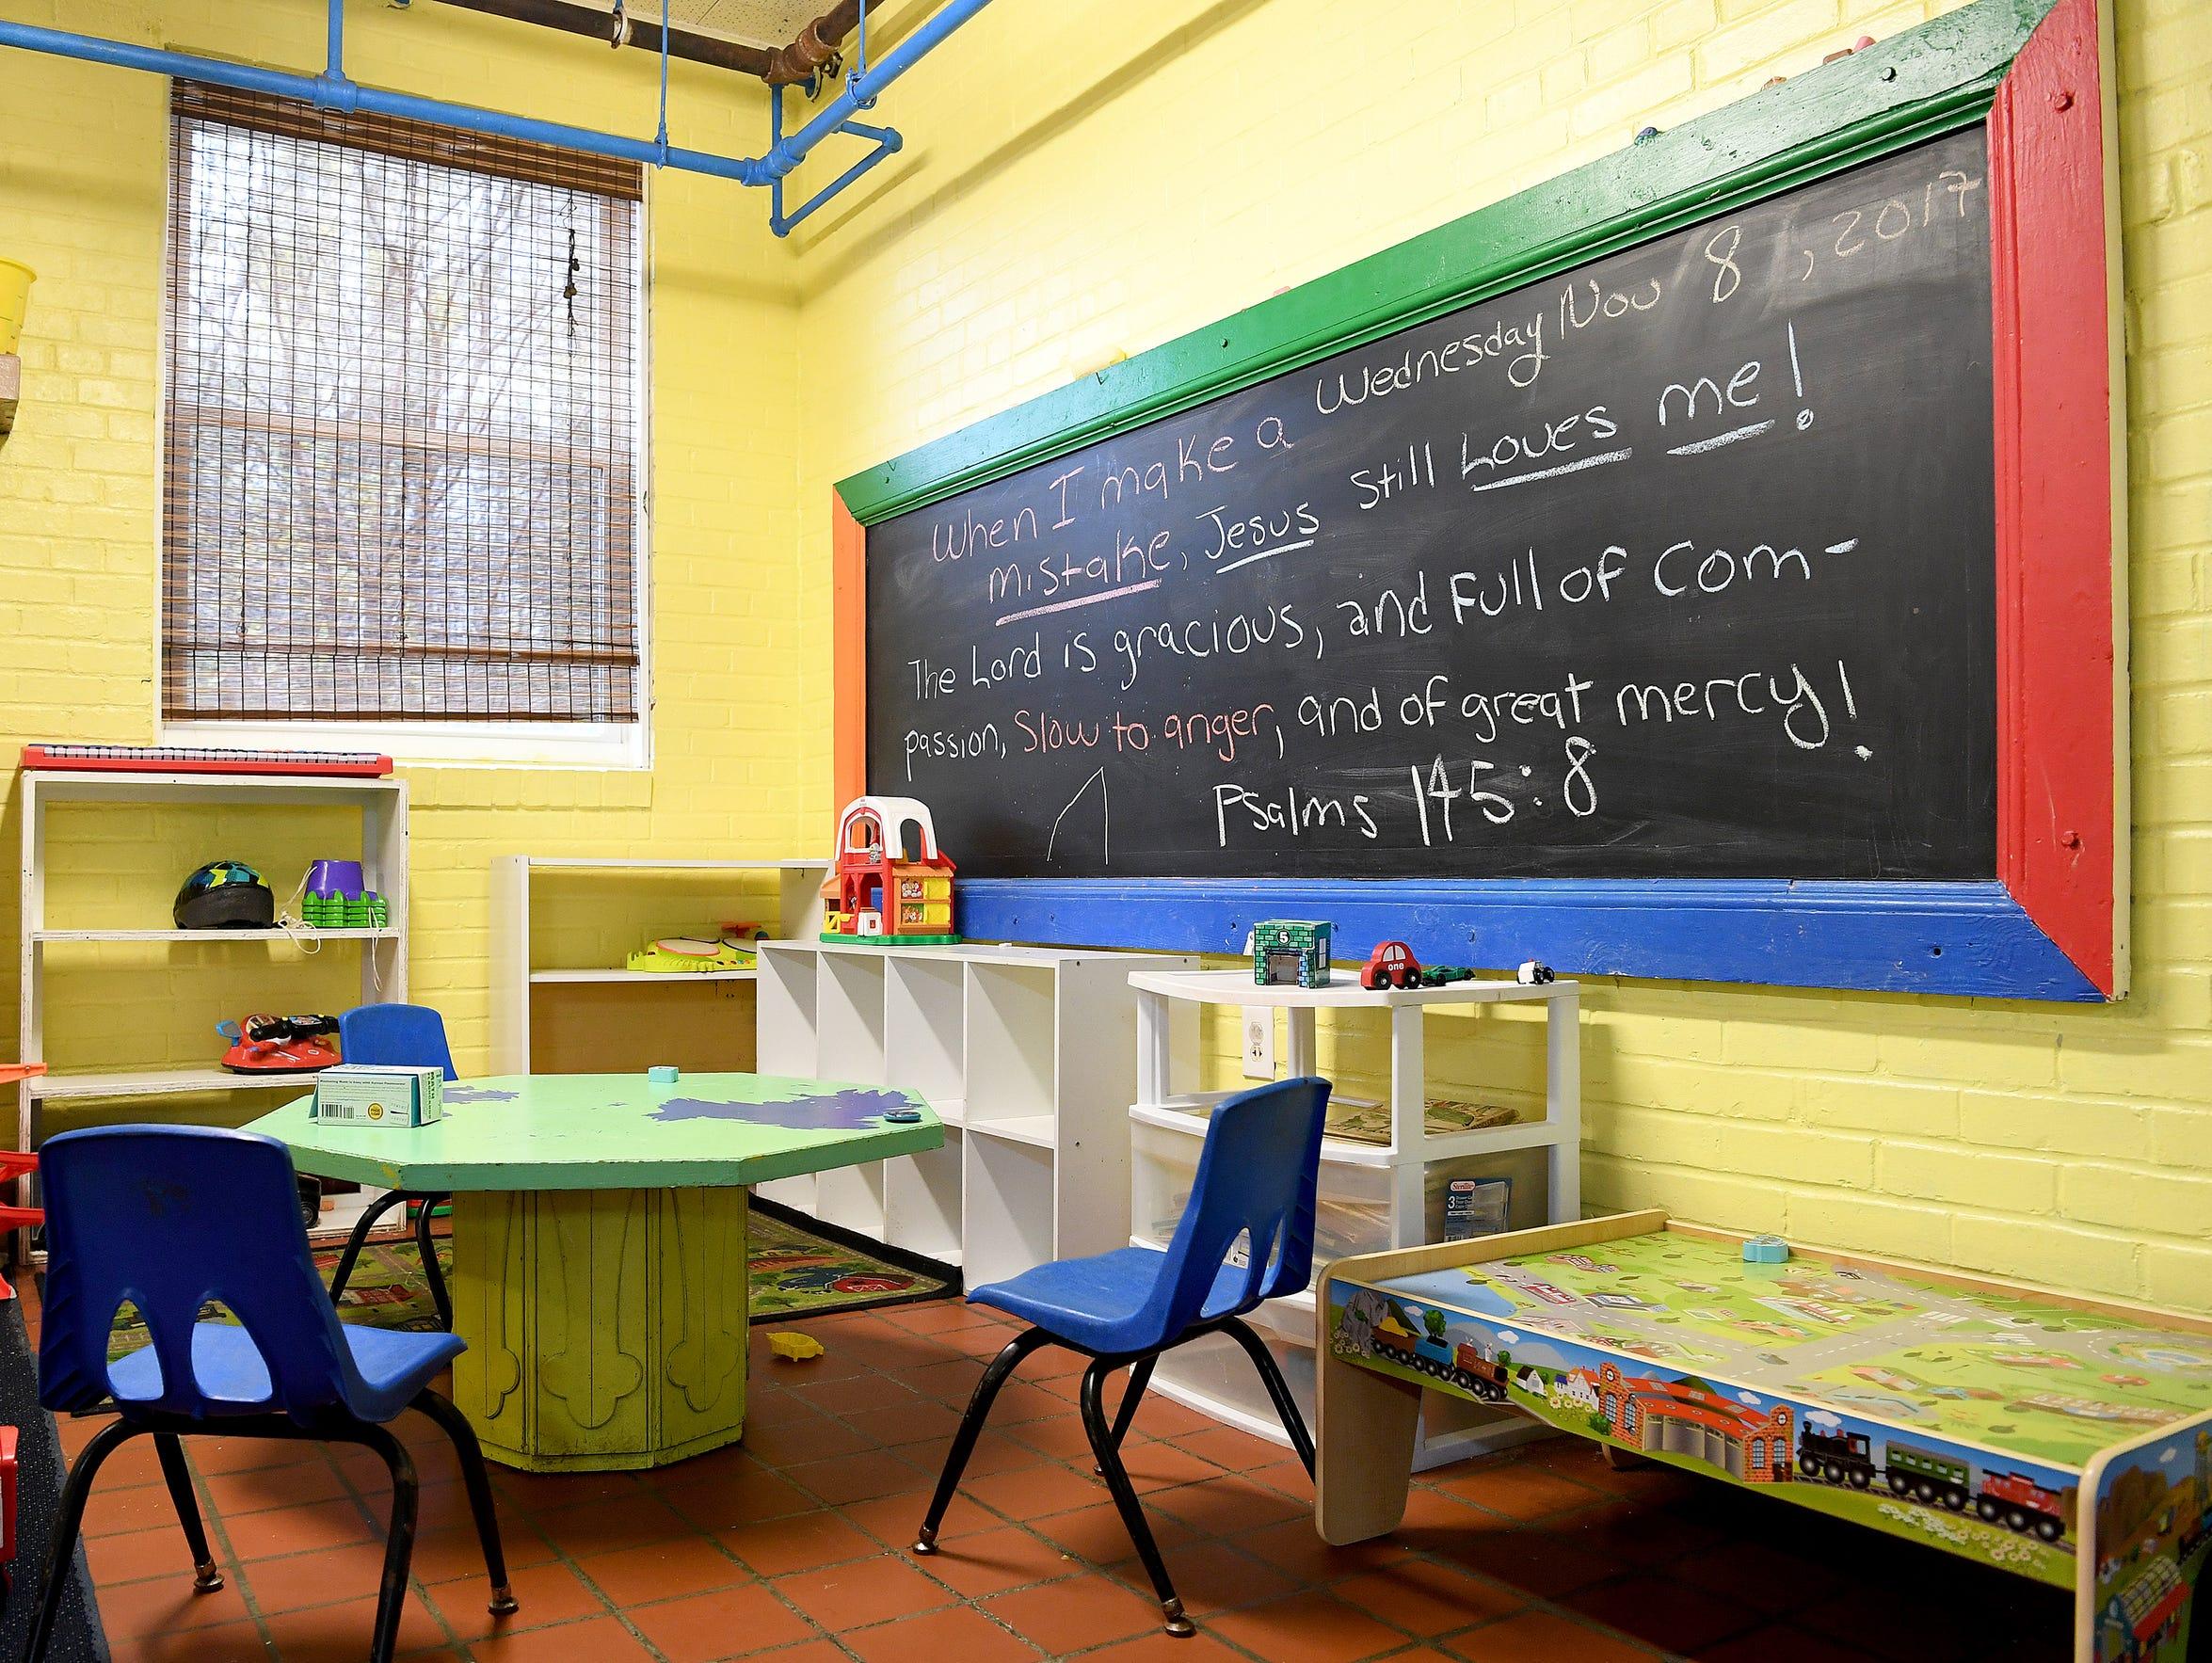 A bible verse is written on the chalkboard in a children's